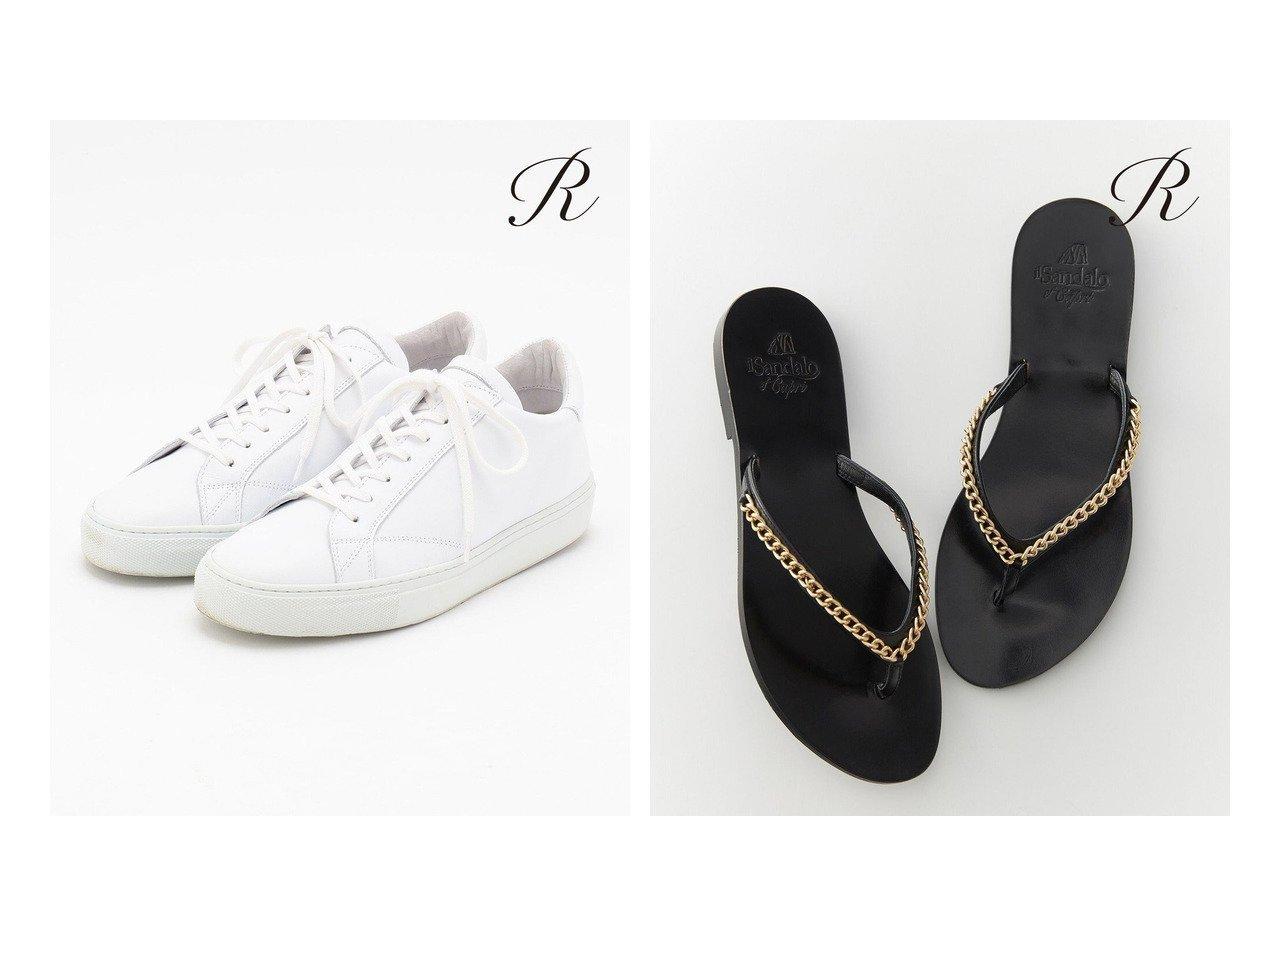 【NIJYUSANKU/23区】の【R(アール)】iL Sandalo of Capri サンダル&【R(アール)】AMB 白スニーカー 【シューズ・靴】おすすめ!人気、トレンド・レディースファッションの通販 おすすめで人気の流行・トレンド、ファッションの通販商品 インテリア・家具・メンズファッション・キッズファッション・レディースファッション・服の通販 founy(ファニー) https://founy.com/ ファッション Fashion レディースファッション WOMEN イタリア クッション クラシック コレクション シューズ シンプル スニーカー スペシャル 定番 Standard 人気 フォルム A/W・秋冬 AW・Autumn/Winter・FW・Fall-Winter 2020年 2020 2020-2021秋冬・A/W AW・Autumn/Winter・FW・Fall-Winter/2020-2021 送料無料 Free Shipping |ID:crp329100000046149